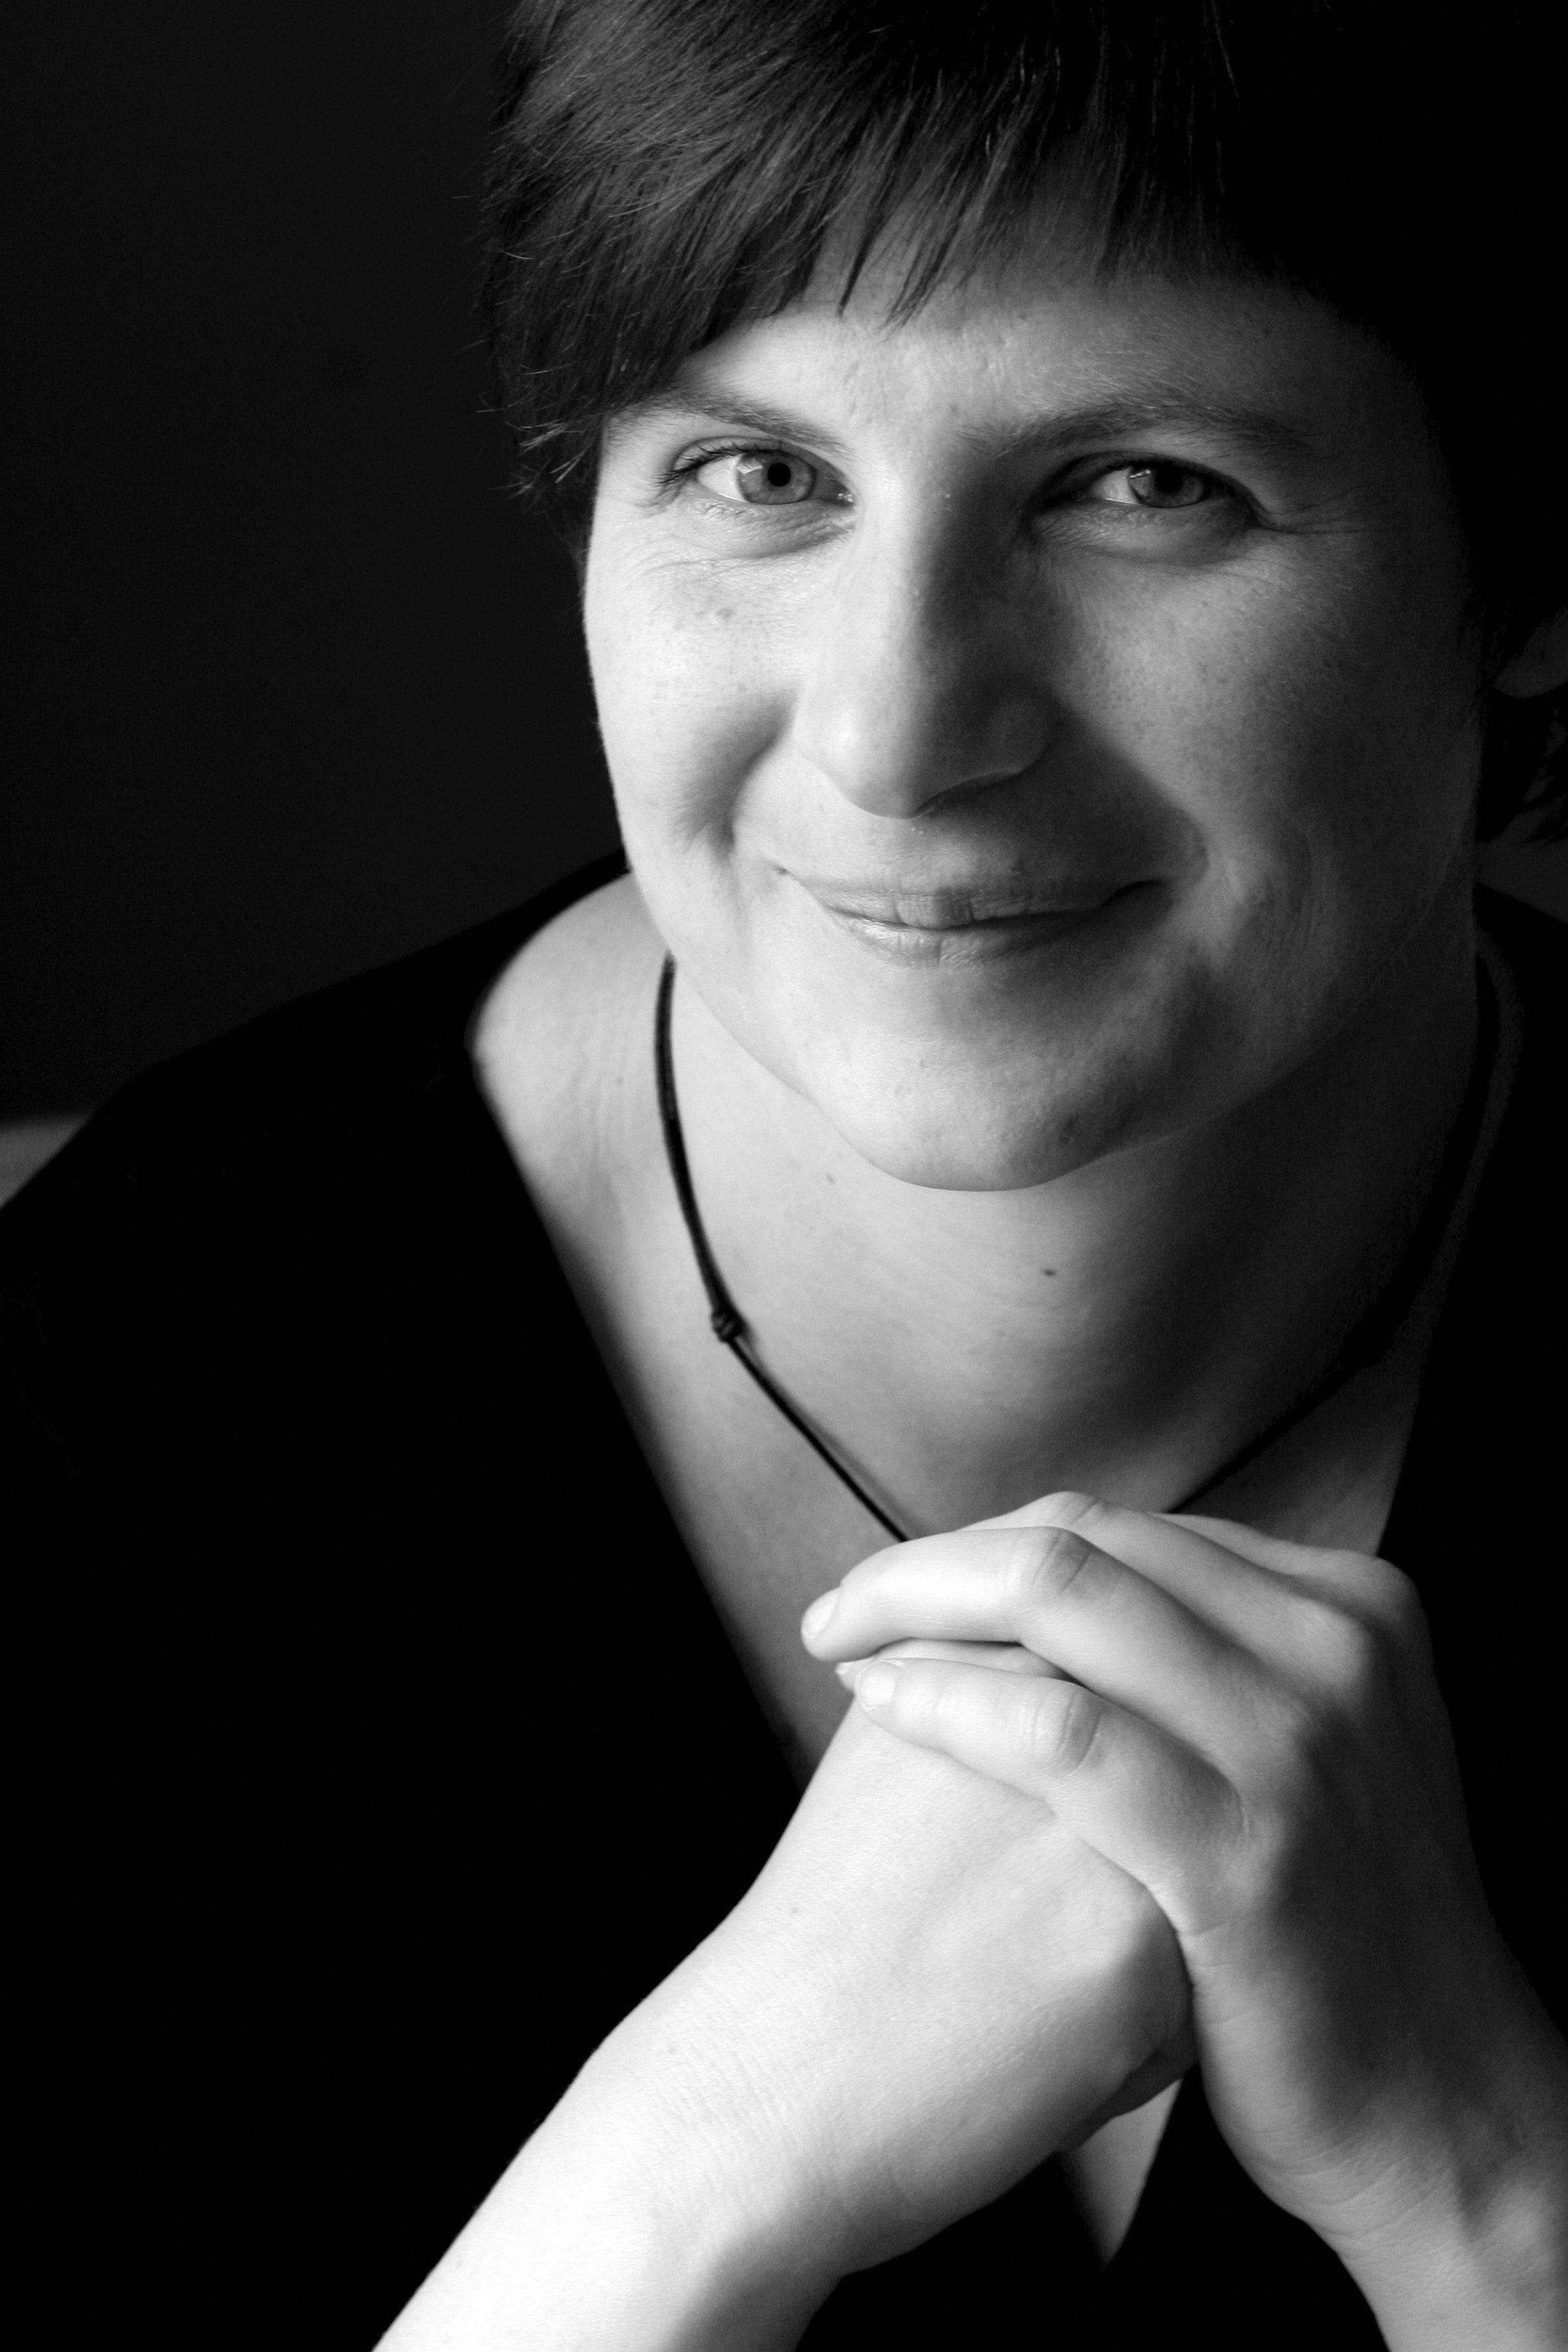 Susan Kreller, Preisträgerin des Katholischen Kinder- und Jugendbuchpreises 2020 der Deutschen Bischofskonferenz (©Ellen Runa Kara)